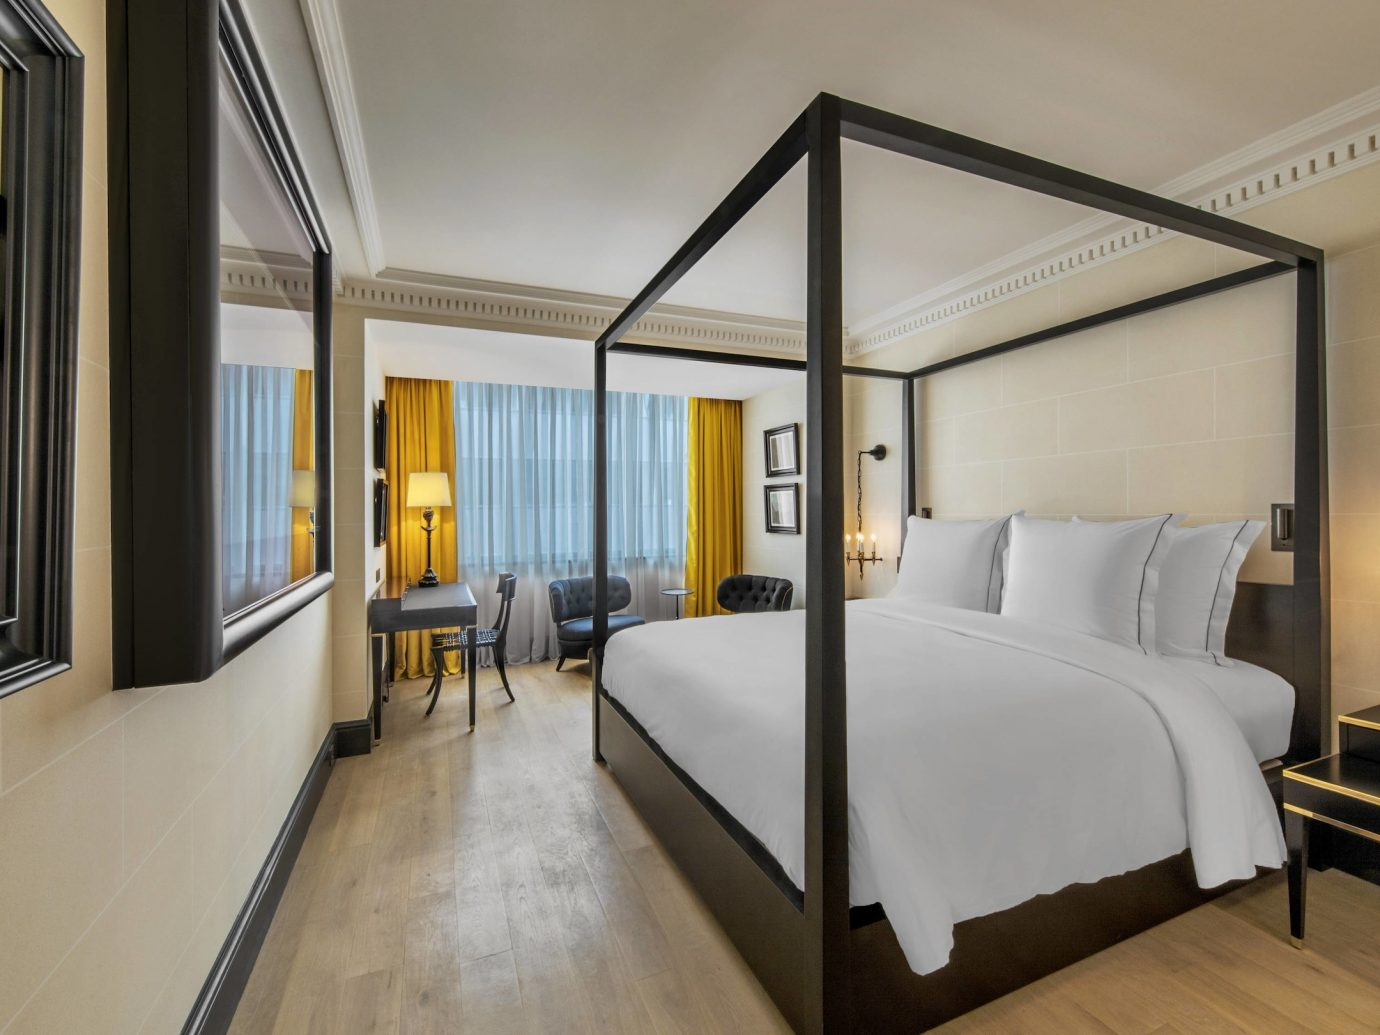 Deluxe room at Hotel de Berri